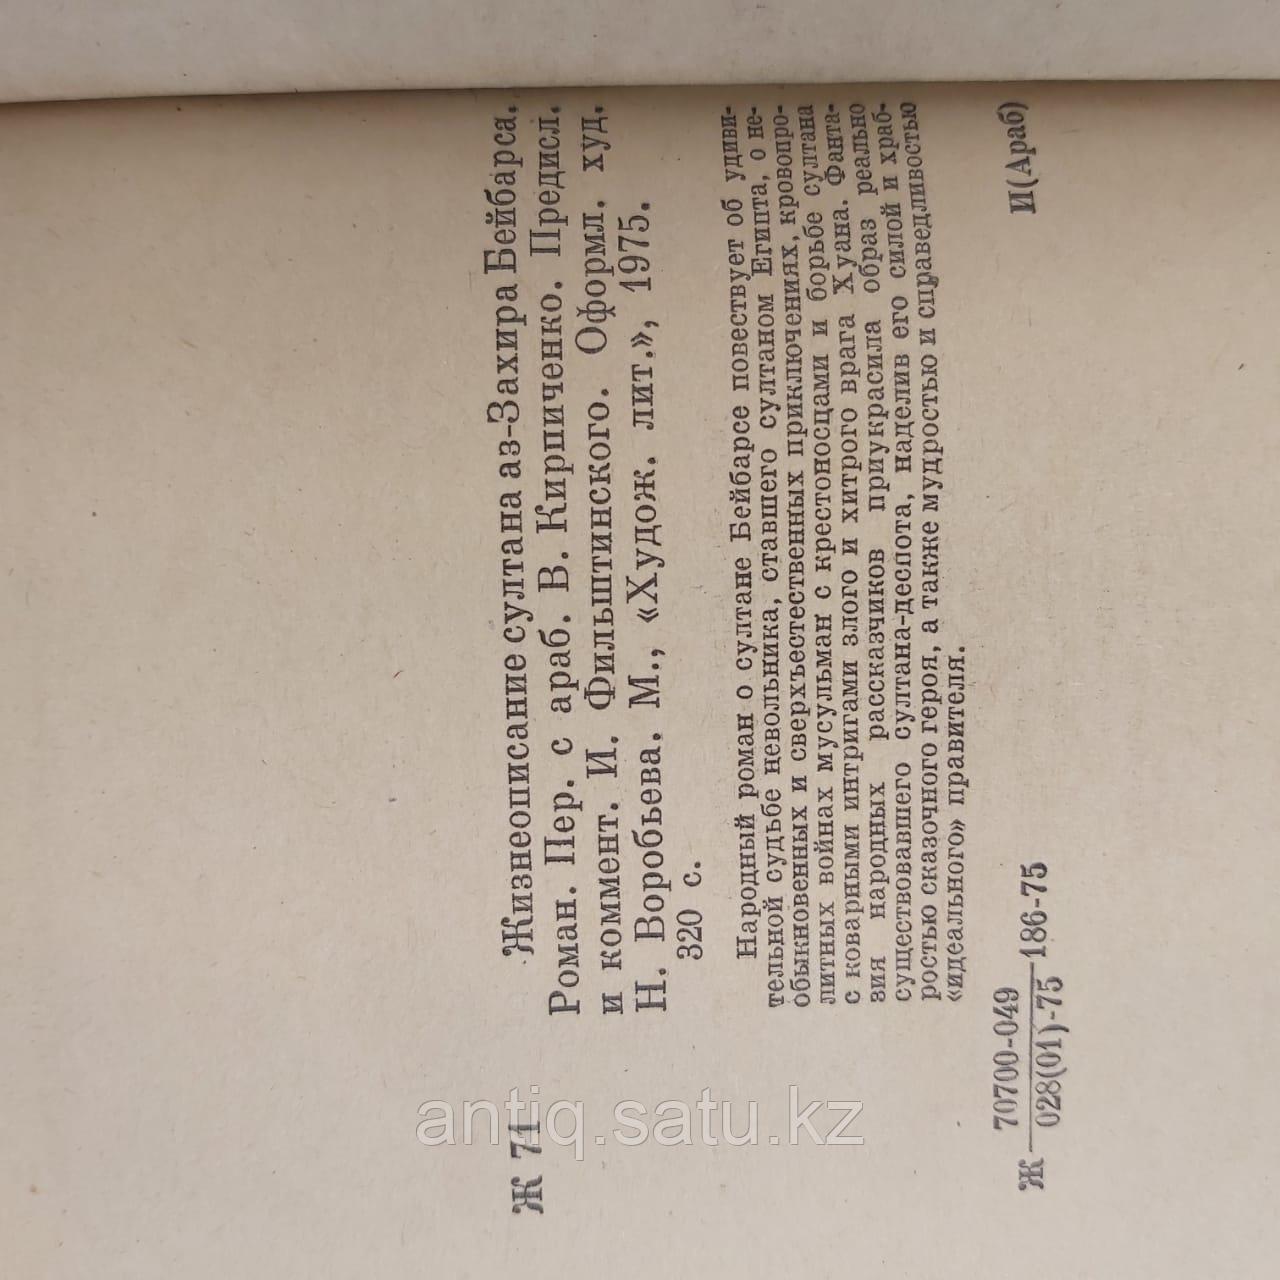 «Жизнеописание Султана аз-Захира Бейбарса» Автор: перевод с арабского В. Кирпиченко. - фото 7